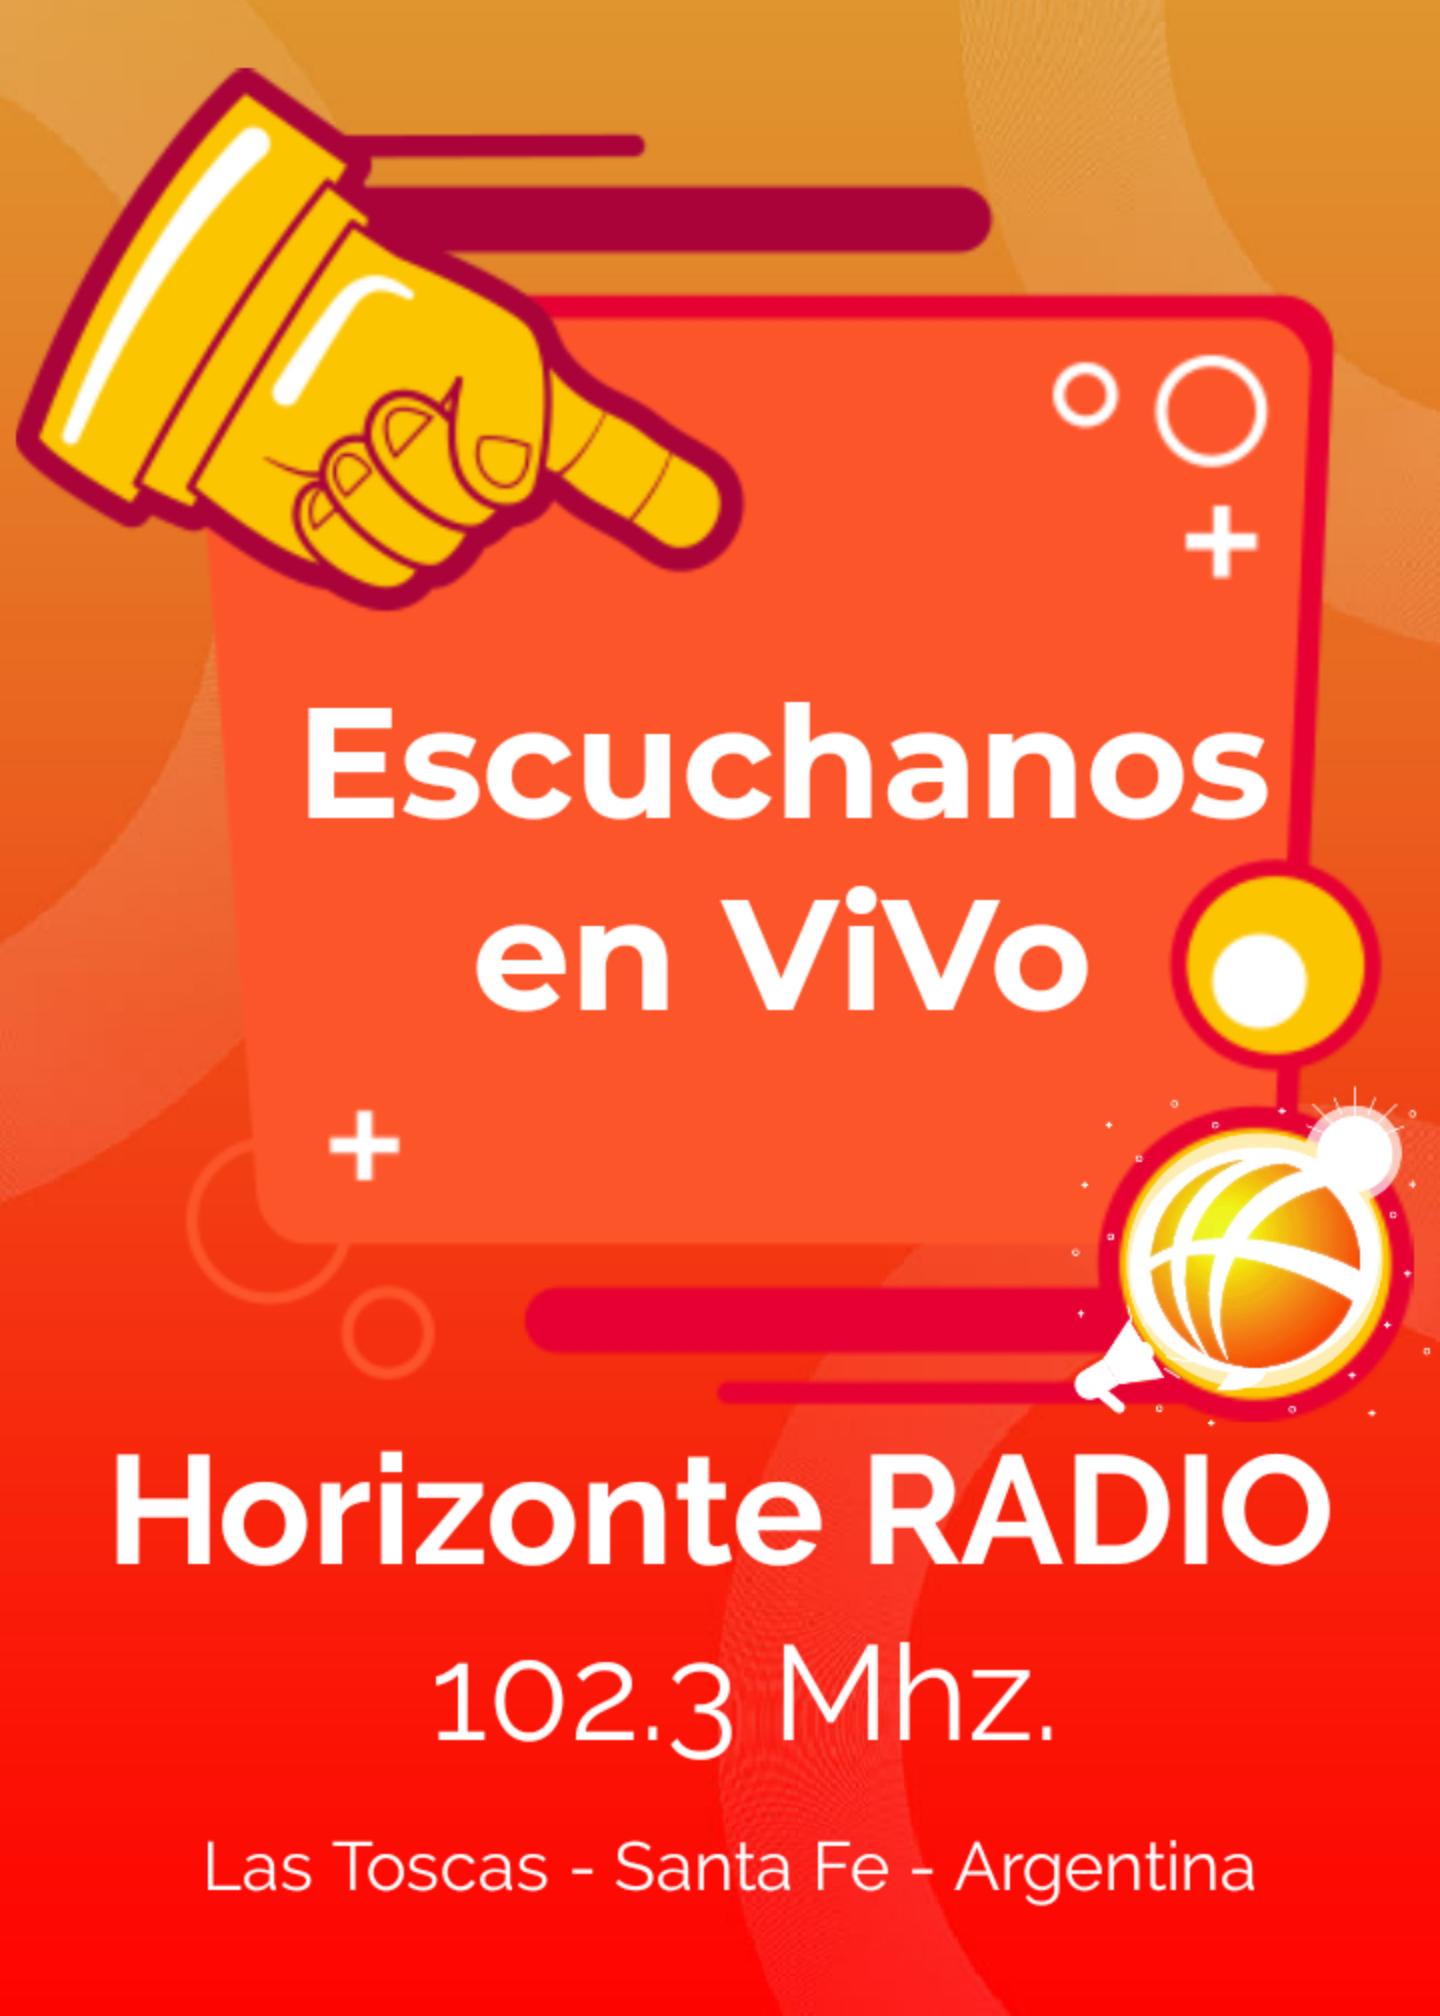 Radio escuchanos